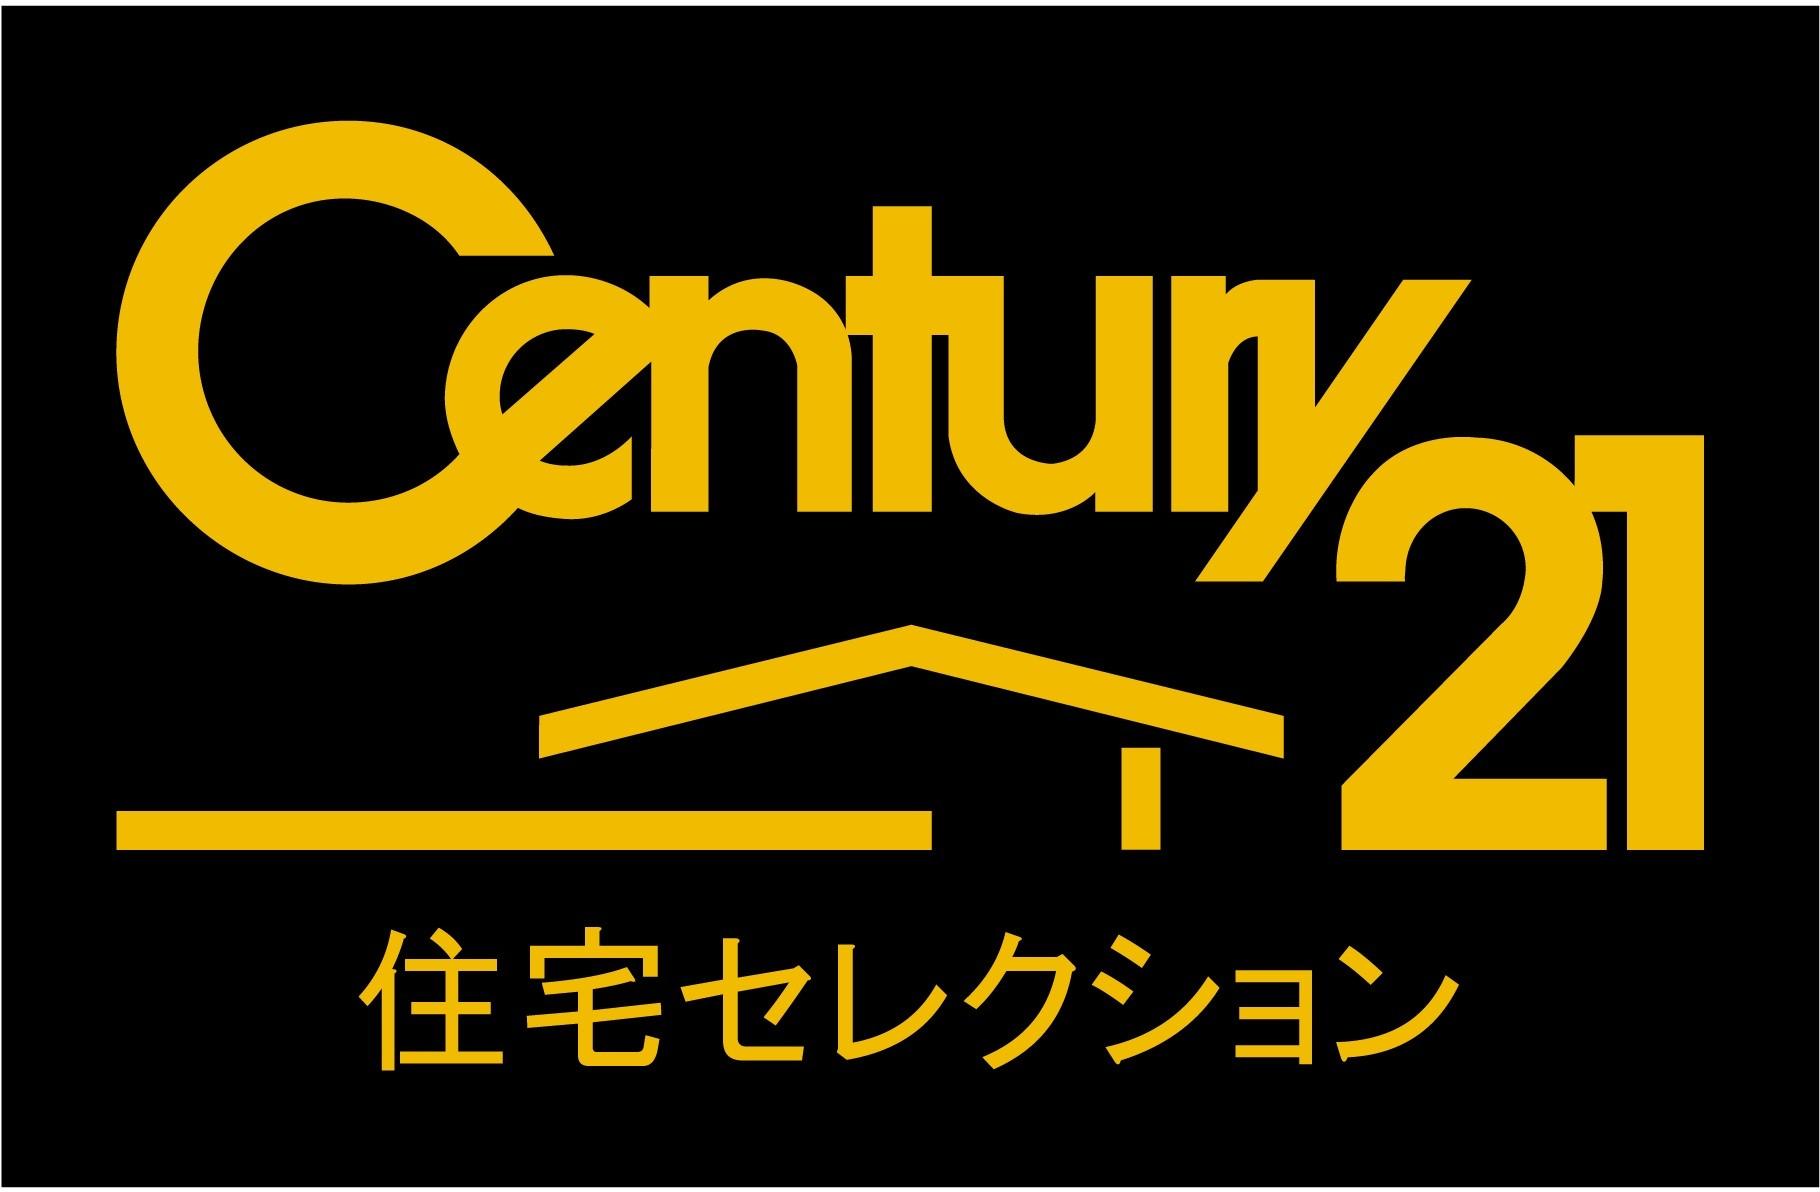 センチュリー21住宅セレクション